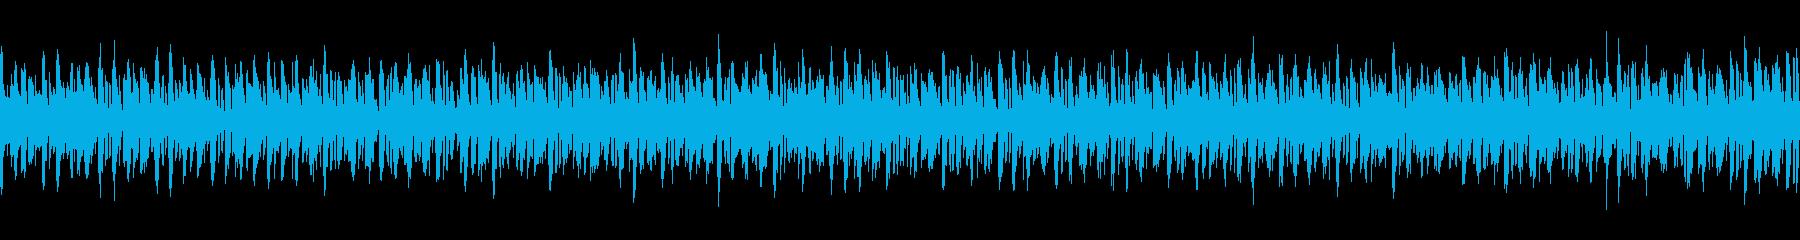 デジタルコンテンツ系BGM(ループ仕様)の再生済みの波形